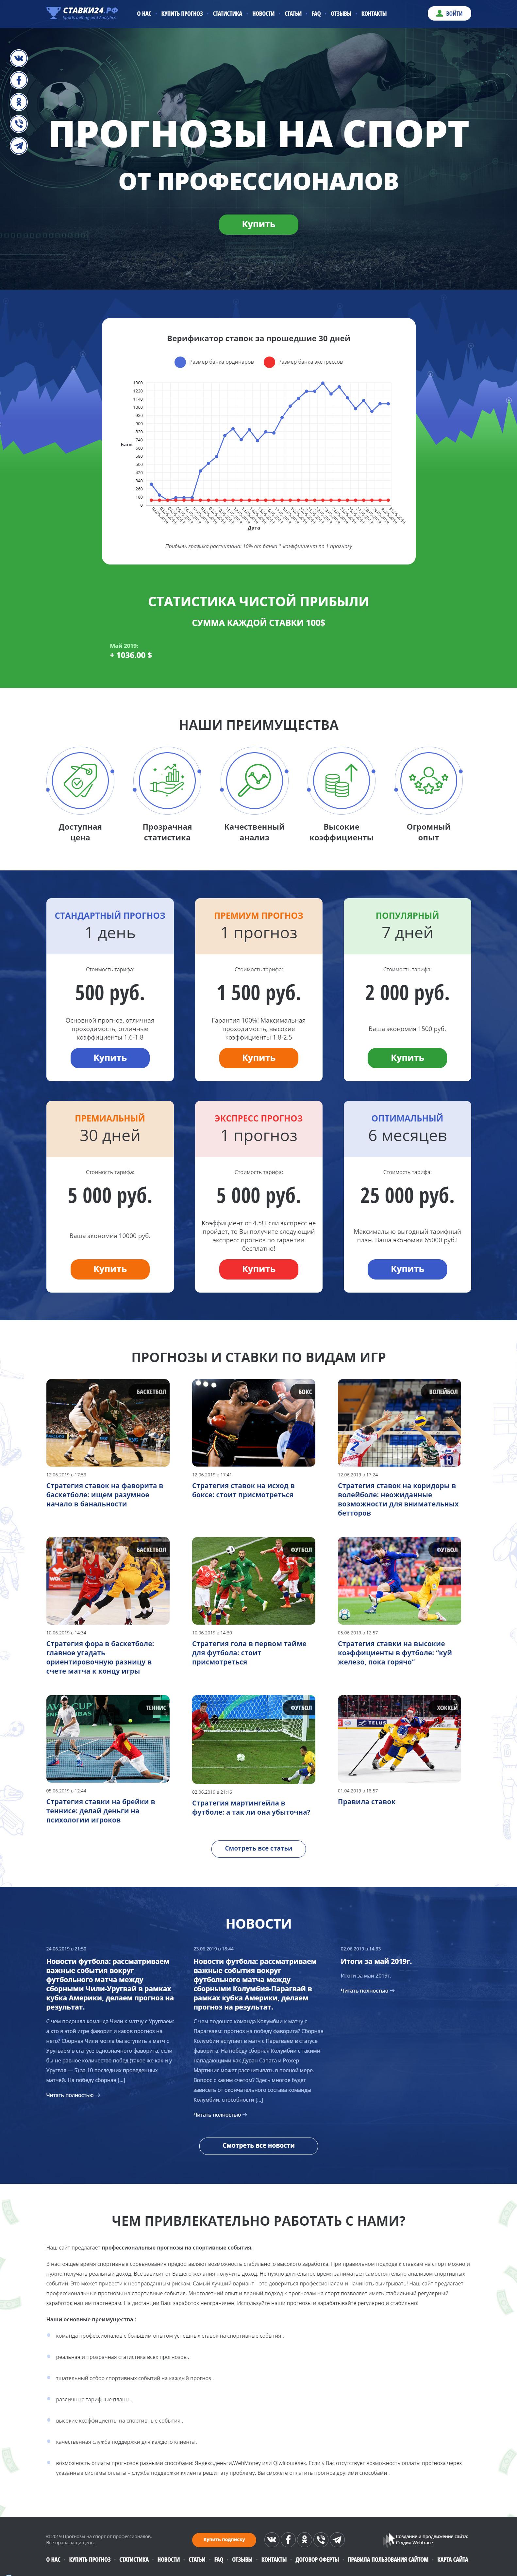 Прогнозы и ставки на спорт - Главная страница